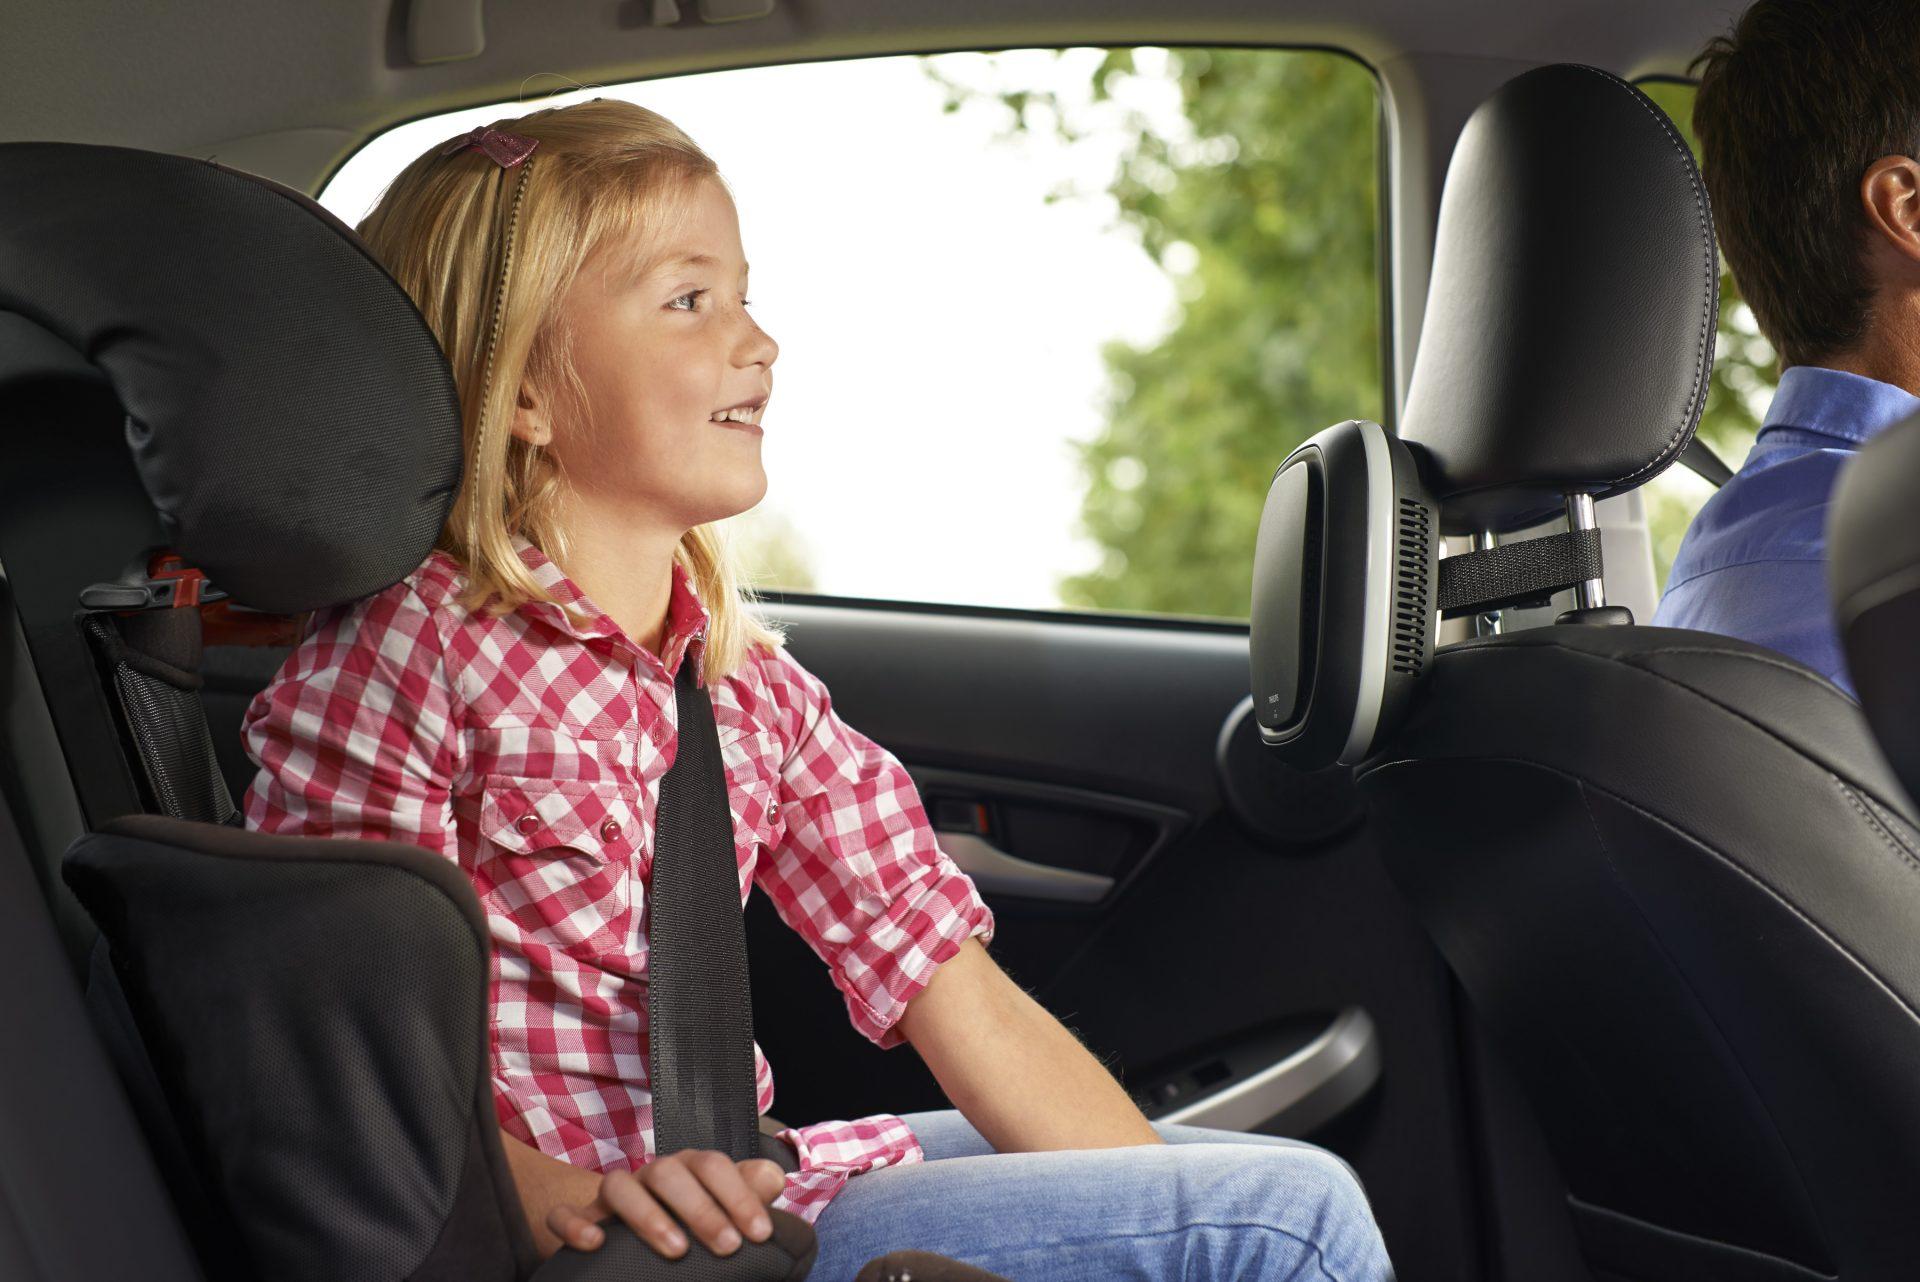 Viele Luftschadstoffe im Innenraum eines Fahrzeuges bleiben oft ungefiltert